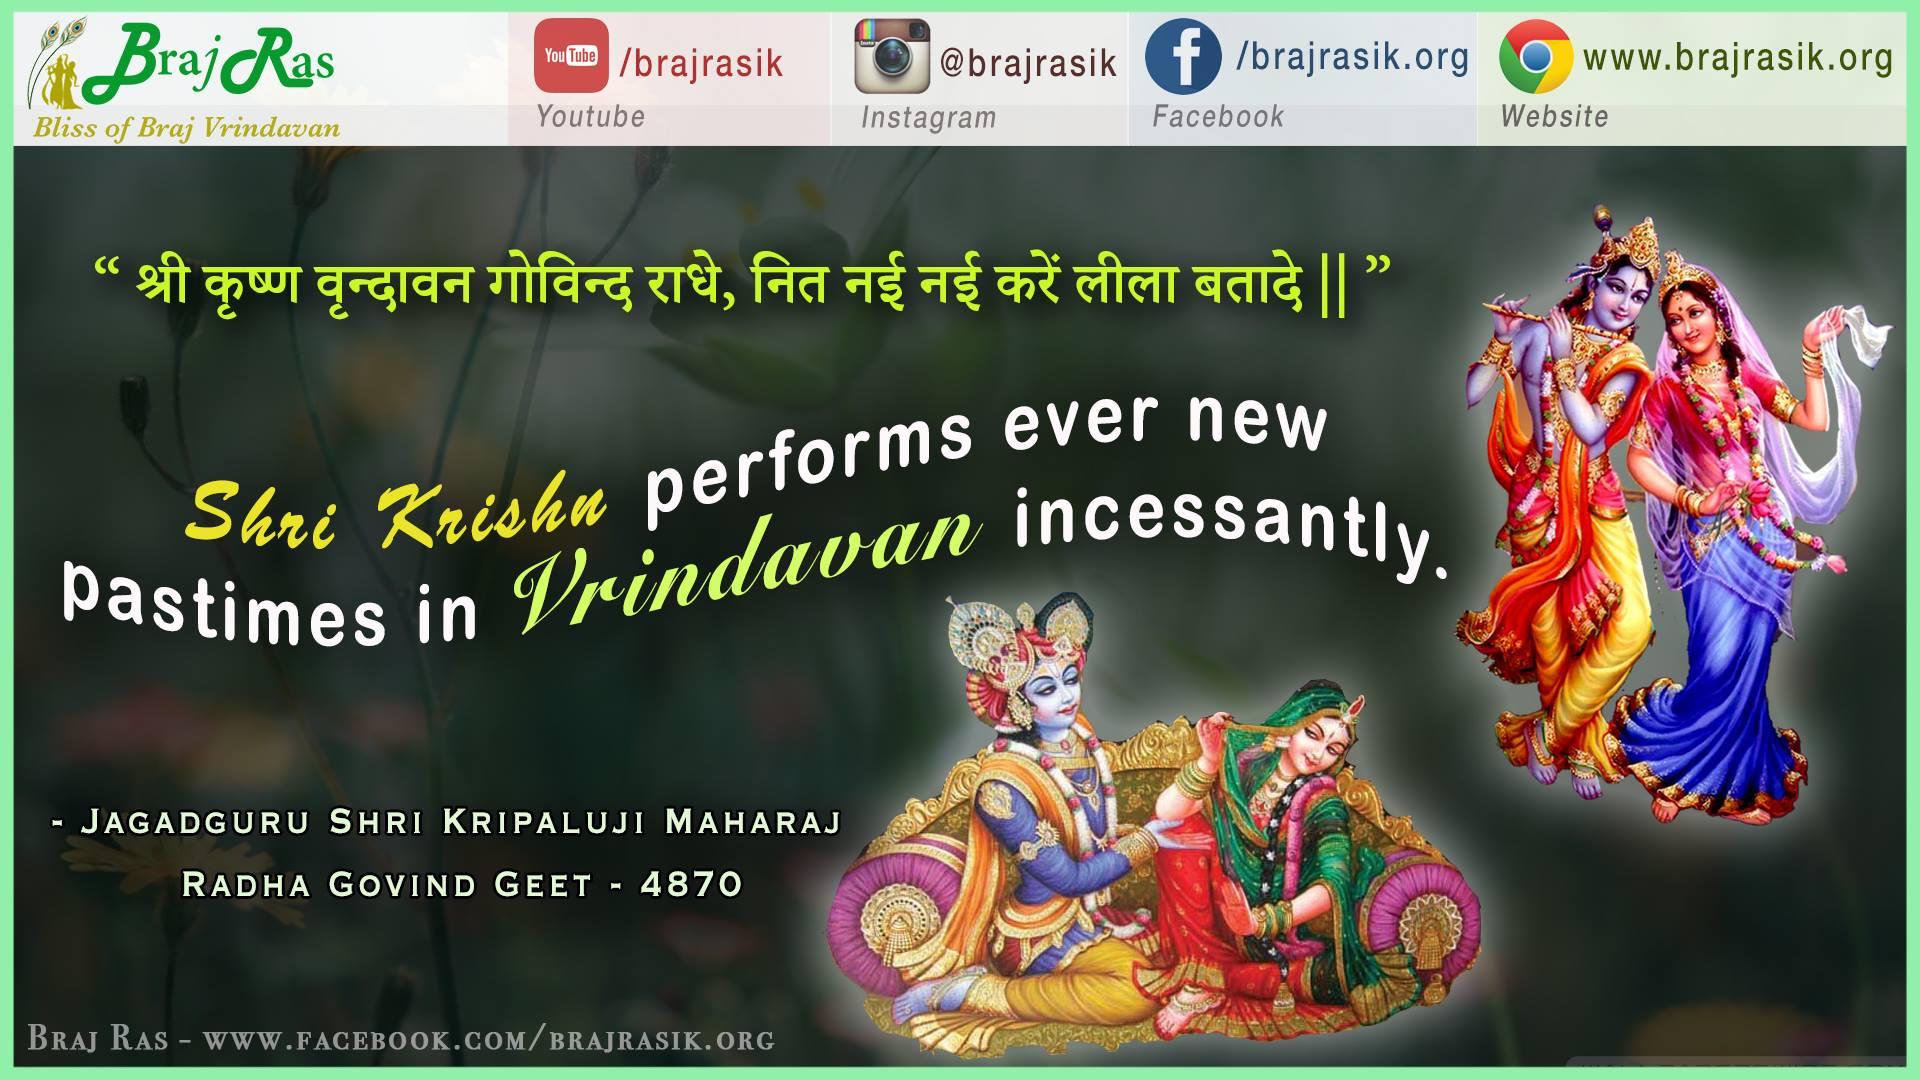 Shri Krishn Vrindavan Govind Radhey - Jagadguru Shri Kripaluji Maharaj, Radha Govind Geet